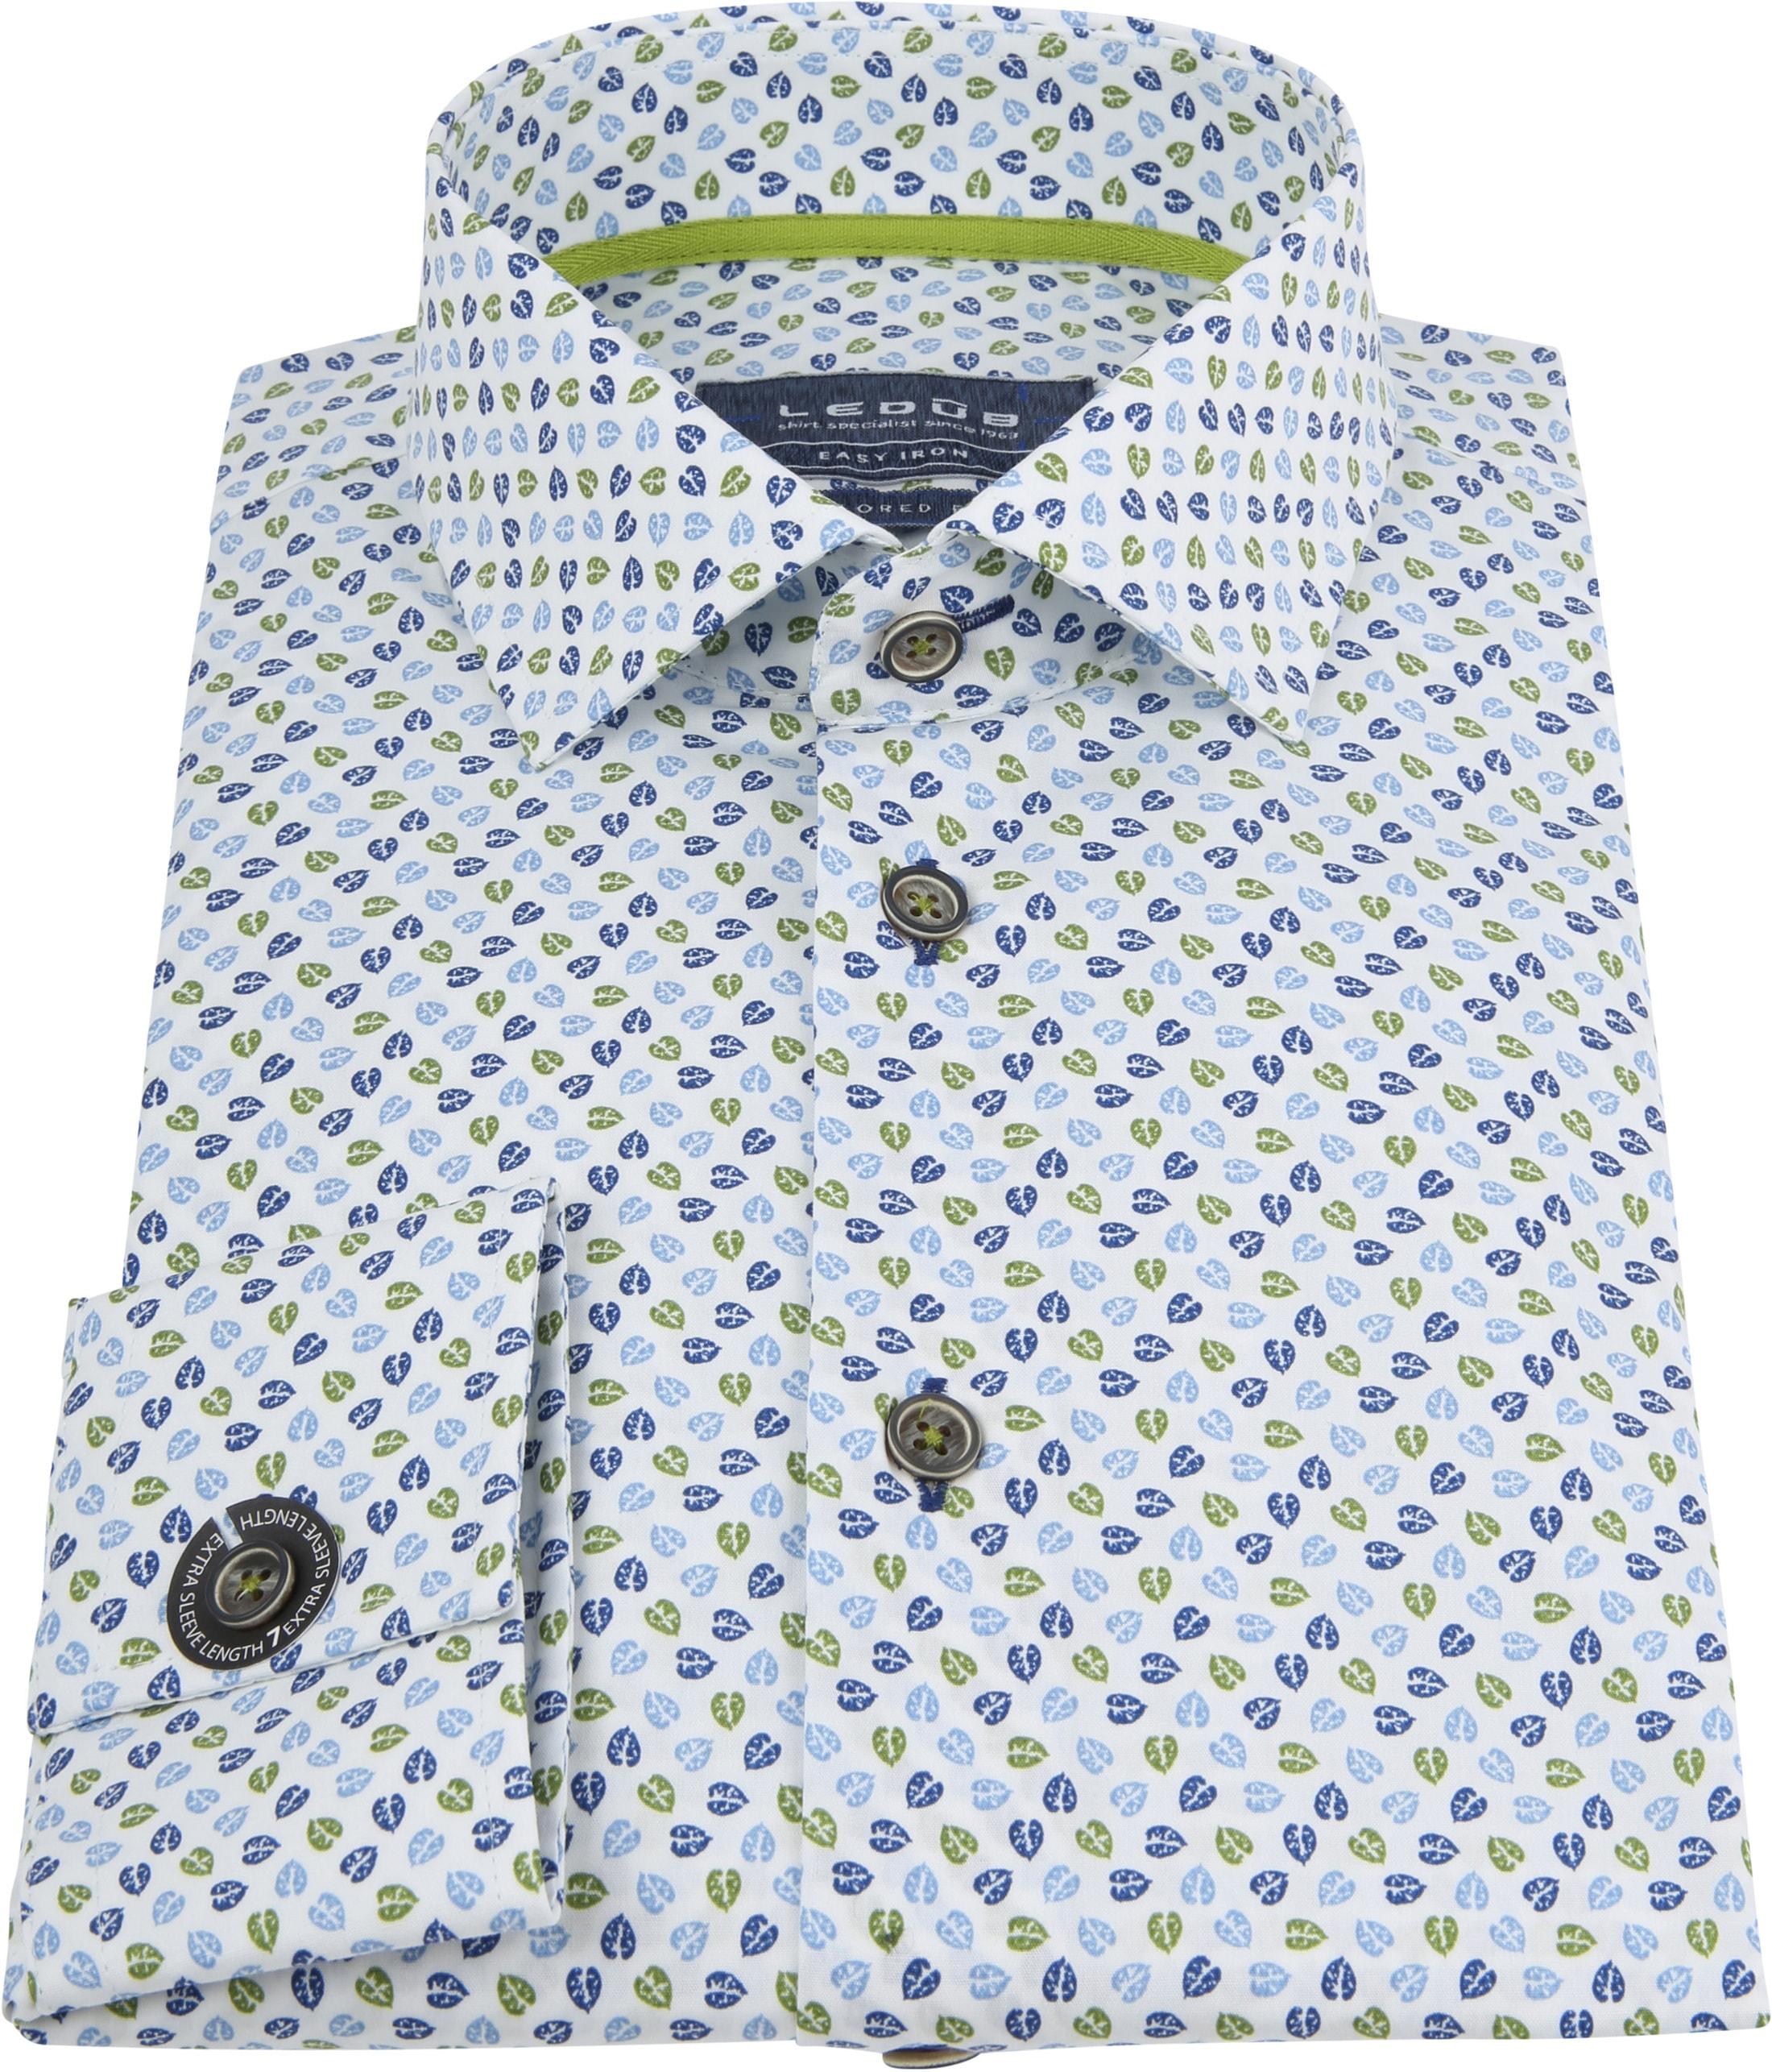 Ledub Overhemd MF Blaadjes foto 2